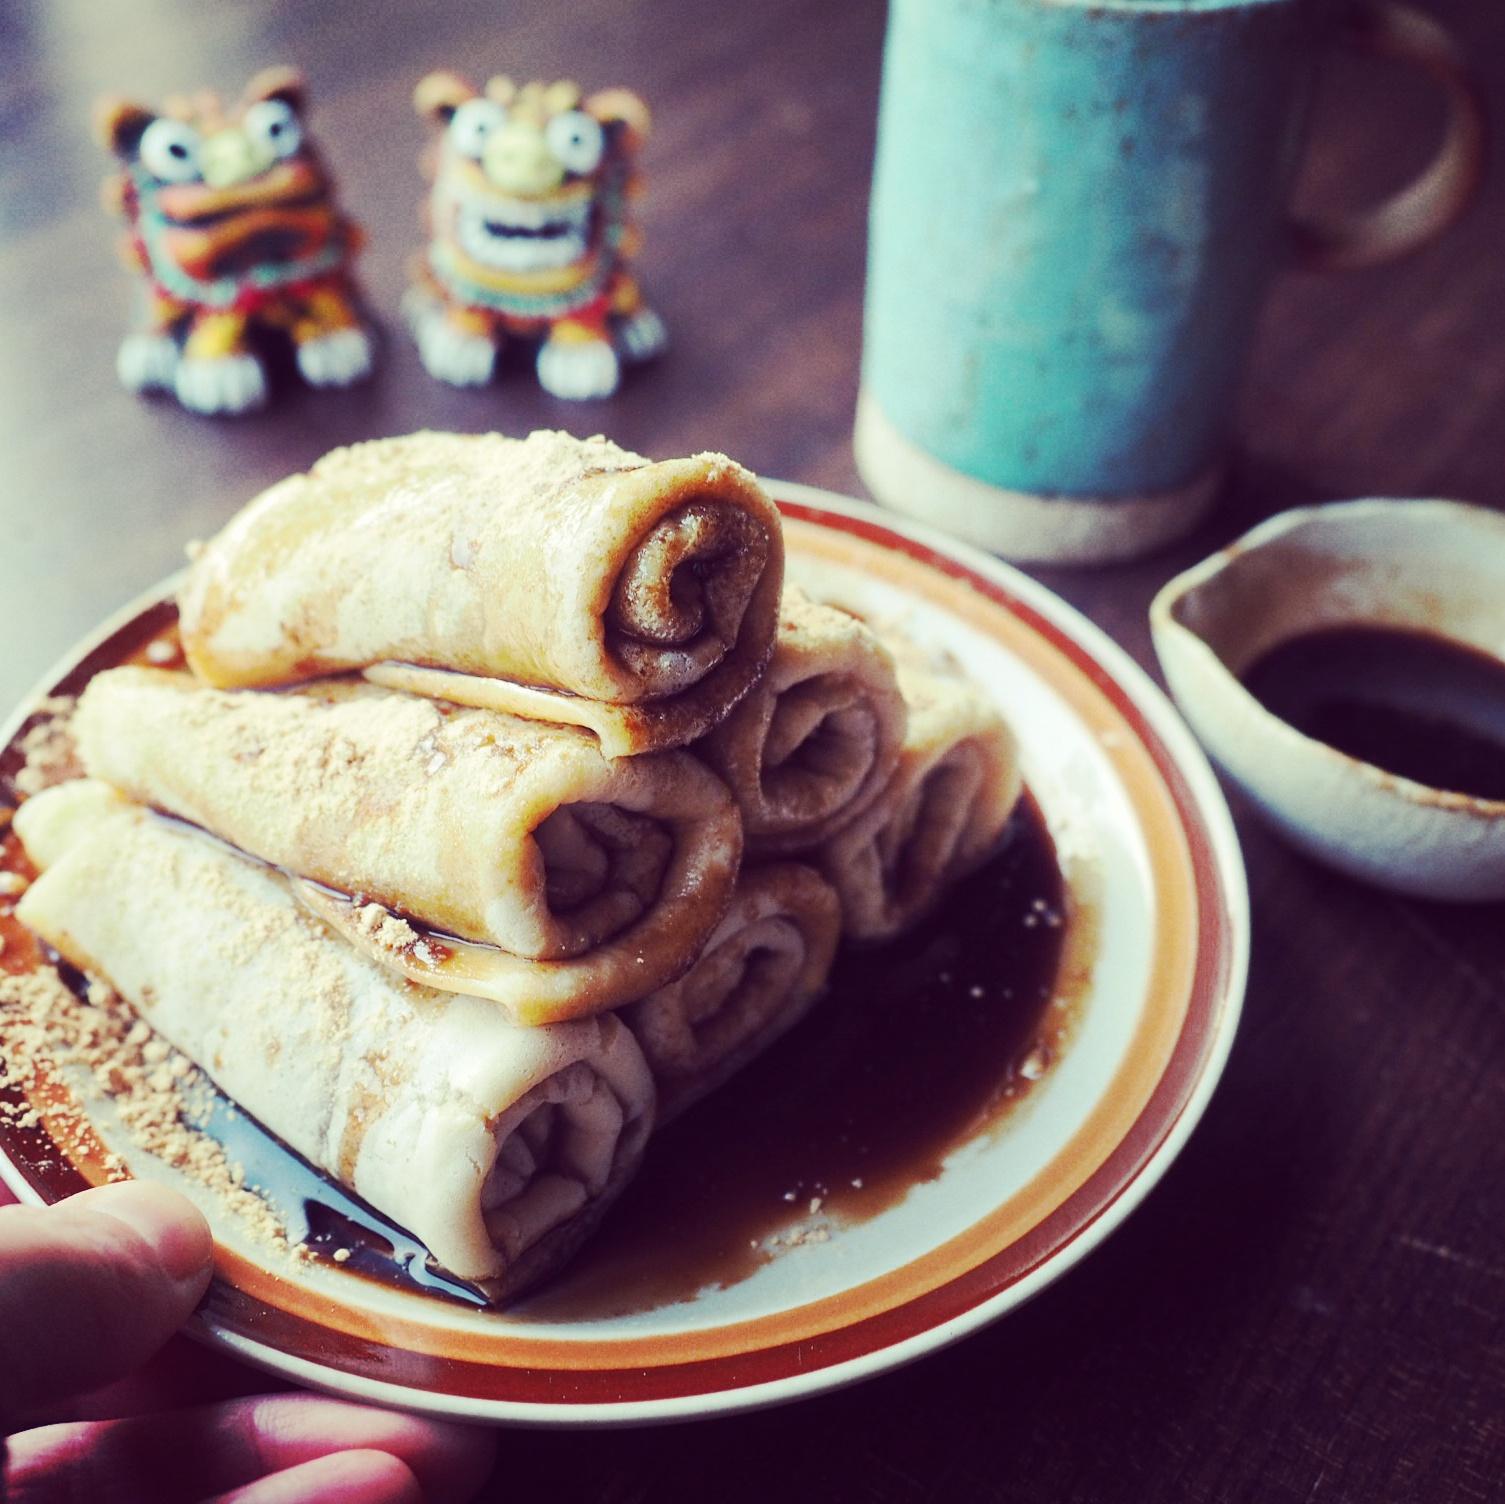 もっちもち〜♪フライパンで簡単和風黒糖クレープ♪ , しゃなママの♪子供も喜ぶ簡単おやつ♪ レシピブログ , 料理ブログのレシピ満載!